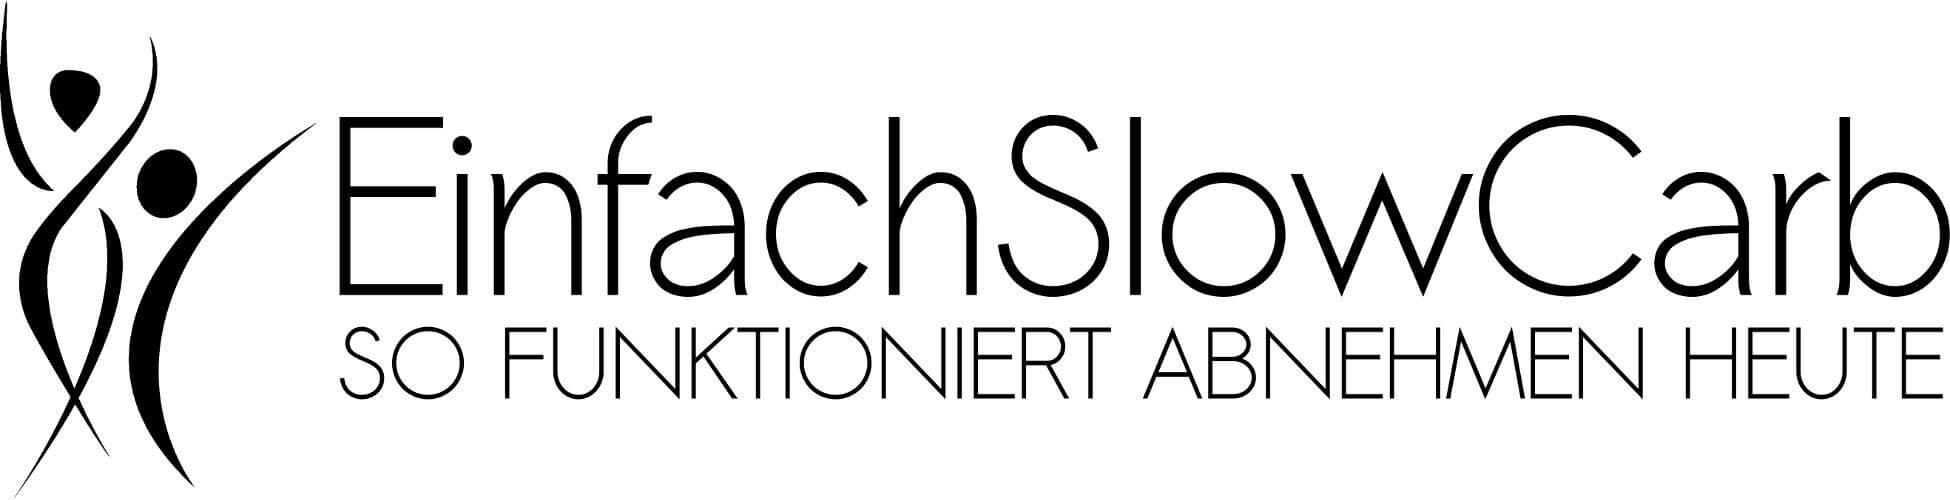 www.einfach-slow-carb.de